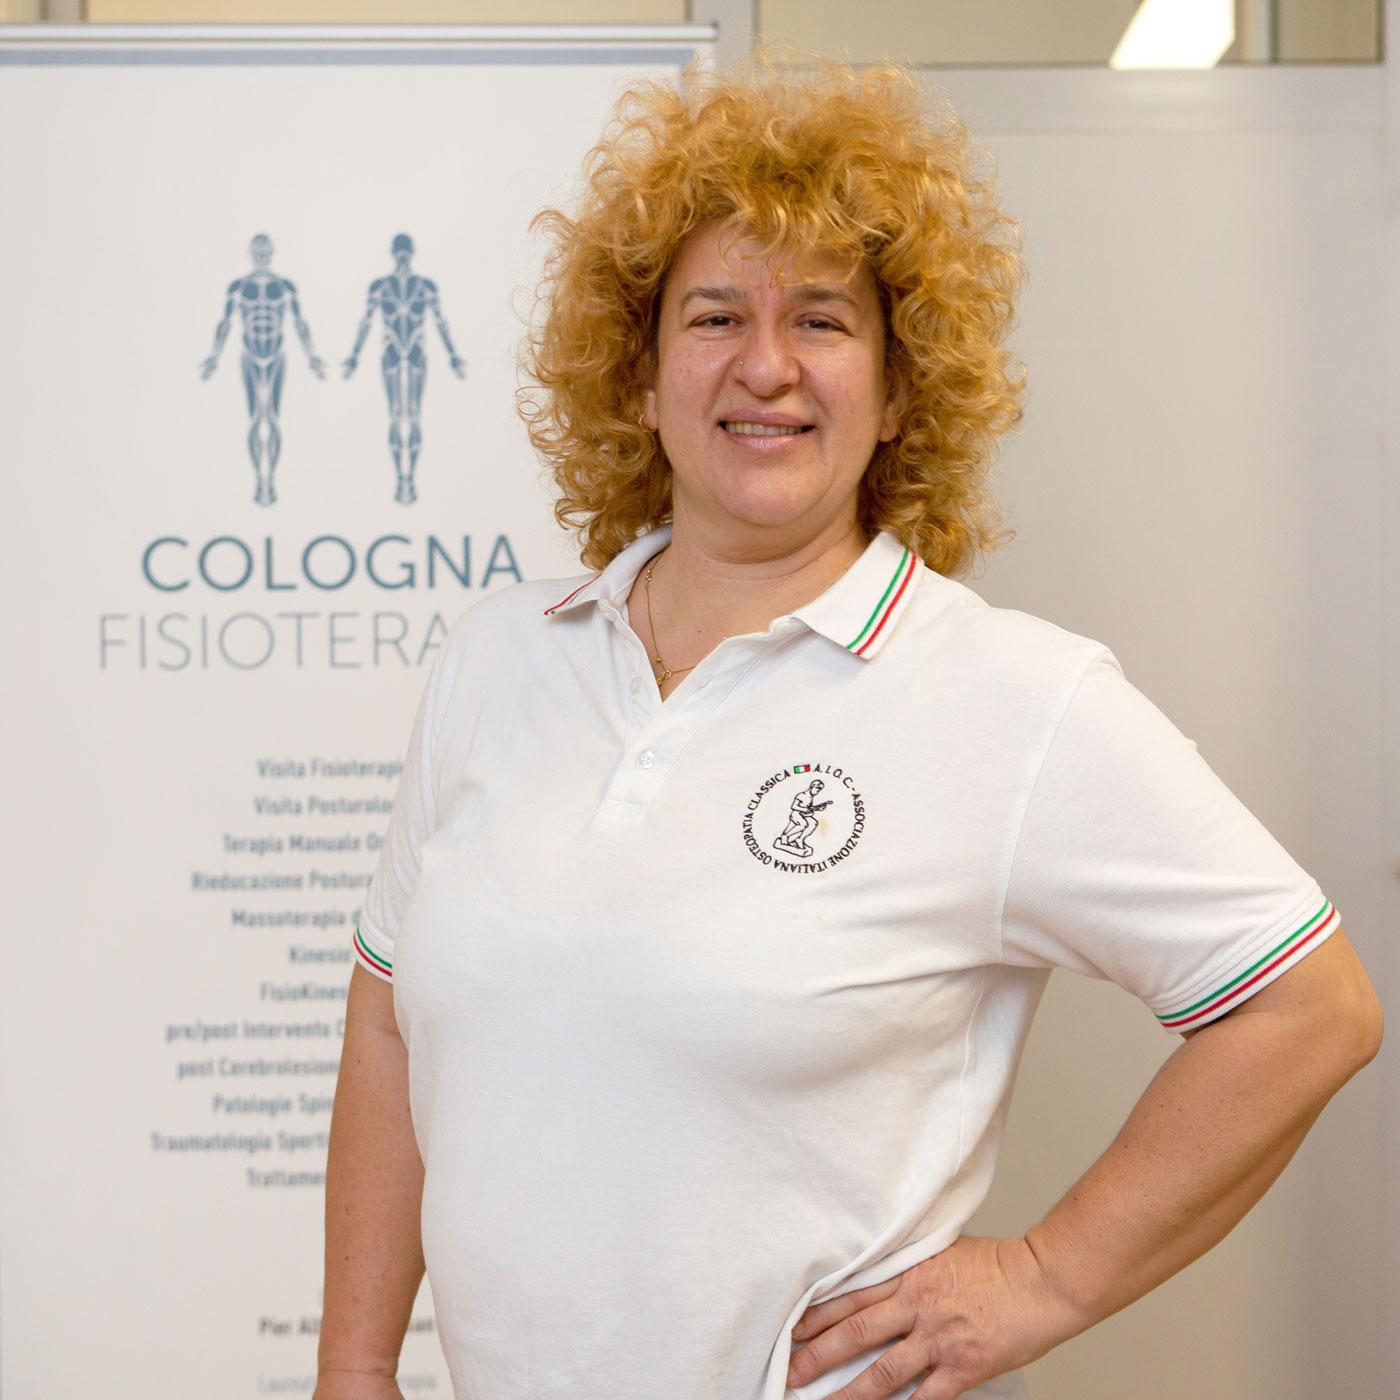 Graziella Borghesan - Cologna Fisioterapia